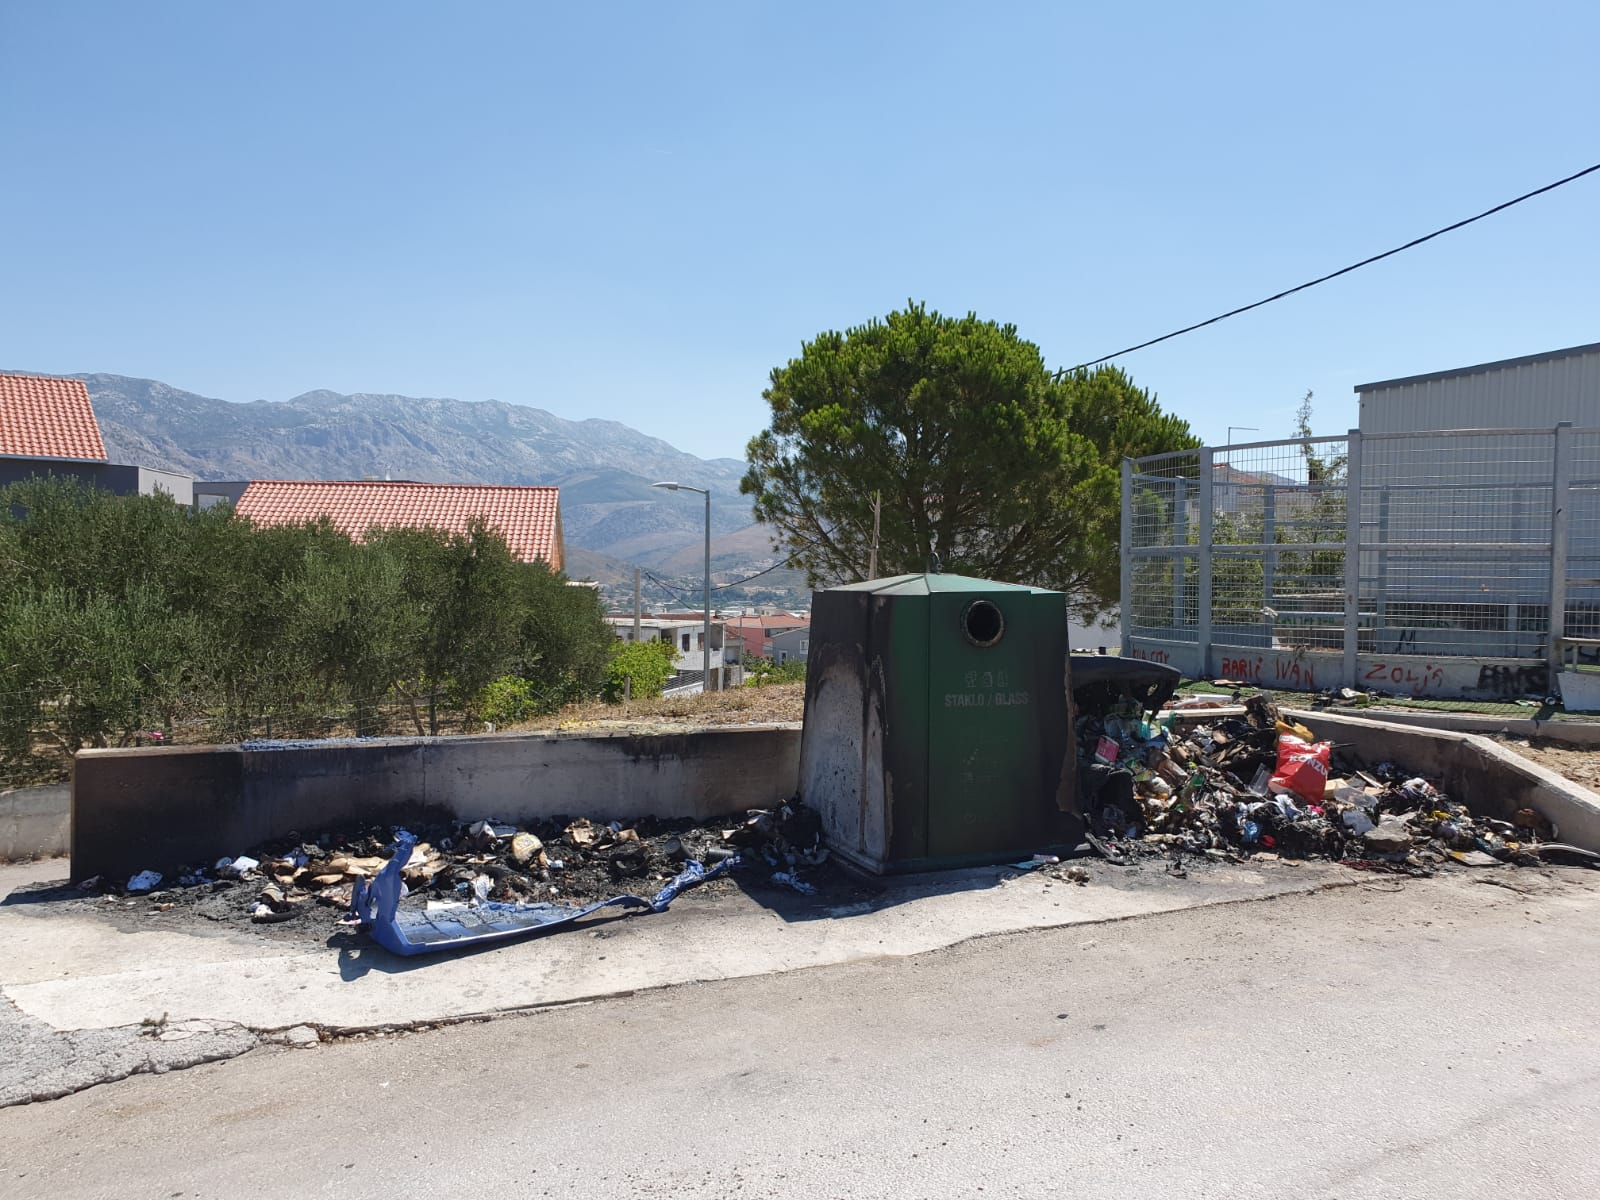 Izgorili spremnici za odvojeno prikupljanje otpada nabavljeni bespovratnim sredstvima iz Europske unije